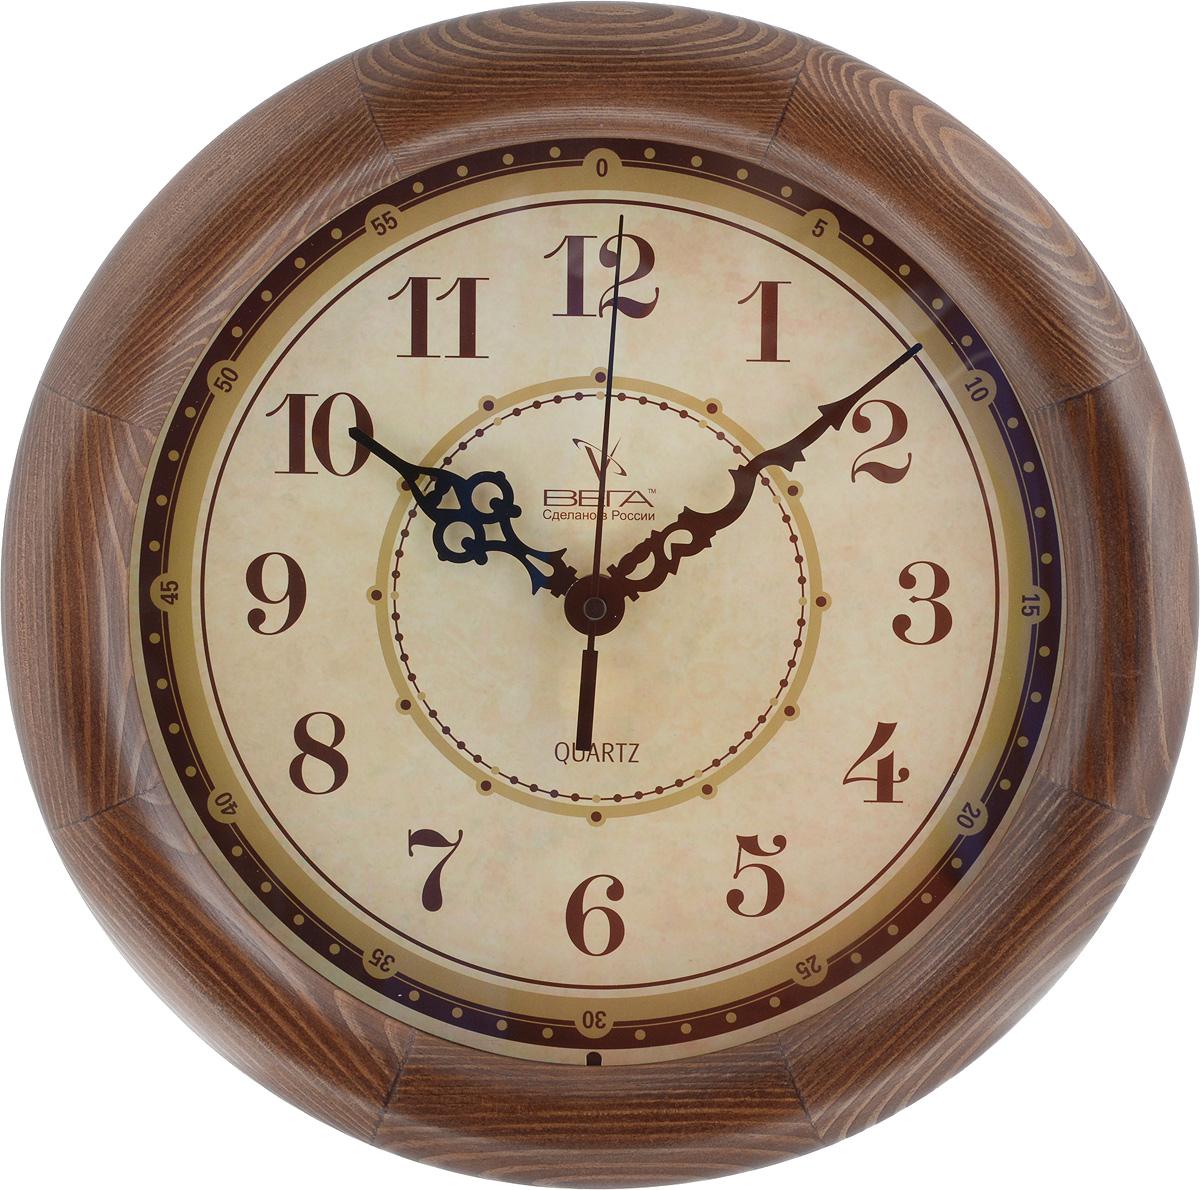 Часы настенные Вега Классика, цвет: темно-коричневый, диаметр 30 см94672Настенные кварцевые часы Вега Классика, изготовленные из дерева, прекрасно впишутся в интерьер вашего дома. Часы имеют три стрелки: часовую, минутную и секундную, циферблат защищен прозрачным стеклом. Часы работают от 1 батарейки типа АА напряжением 1,5 В (не входит в комплект).Диаметр часов: 30 см.